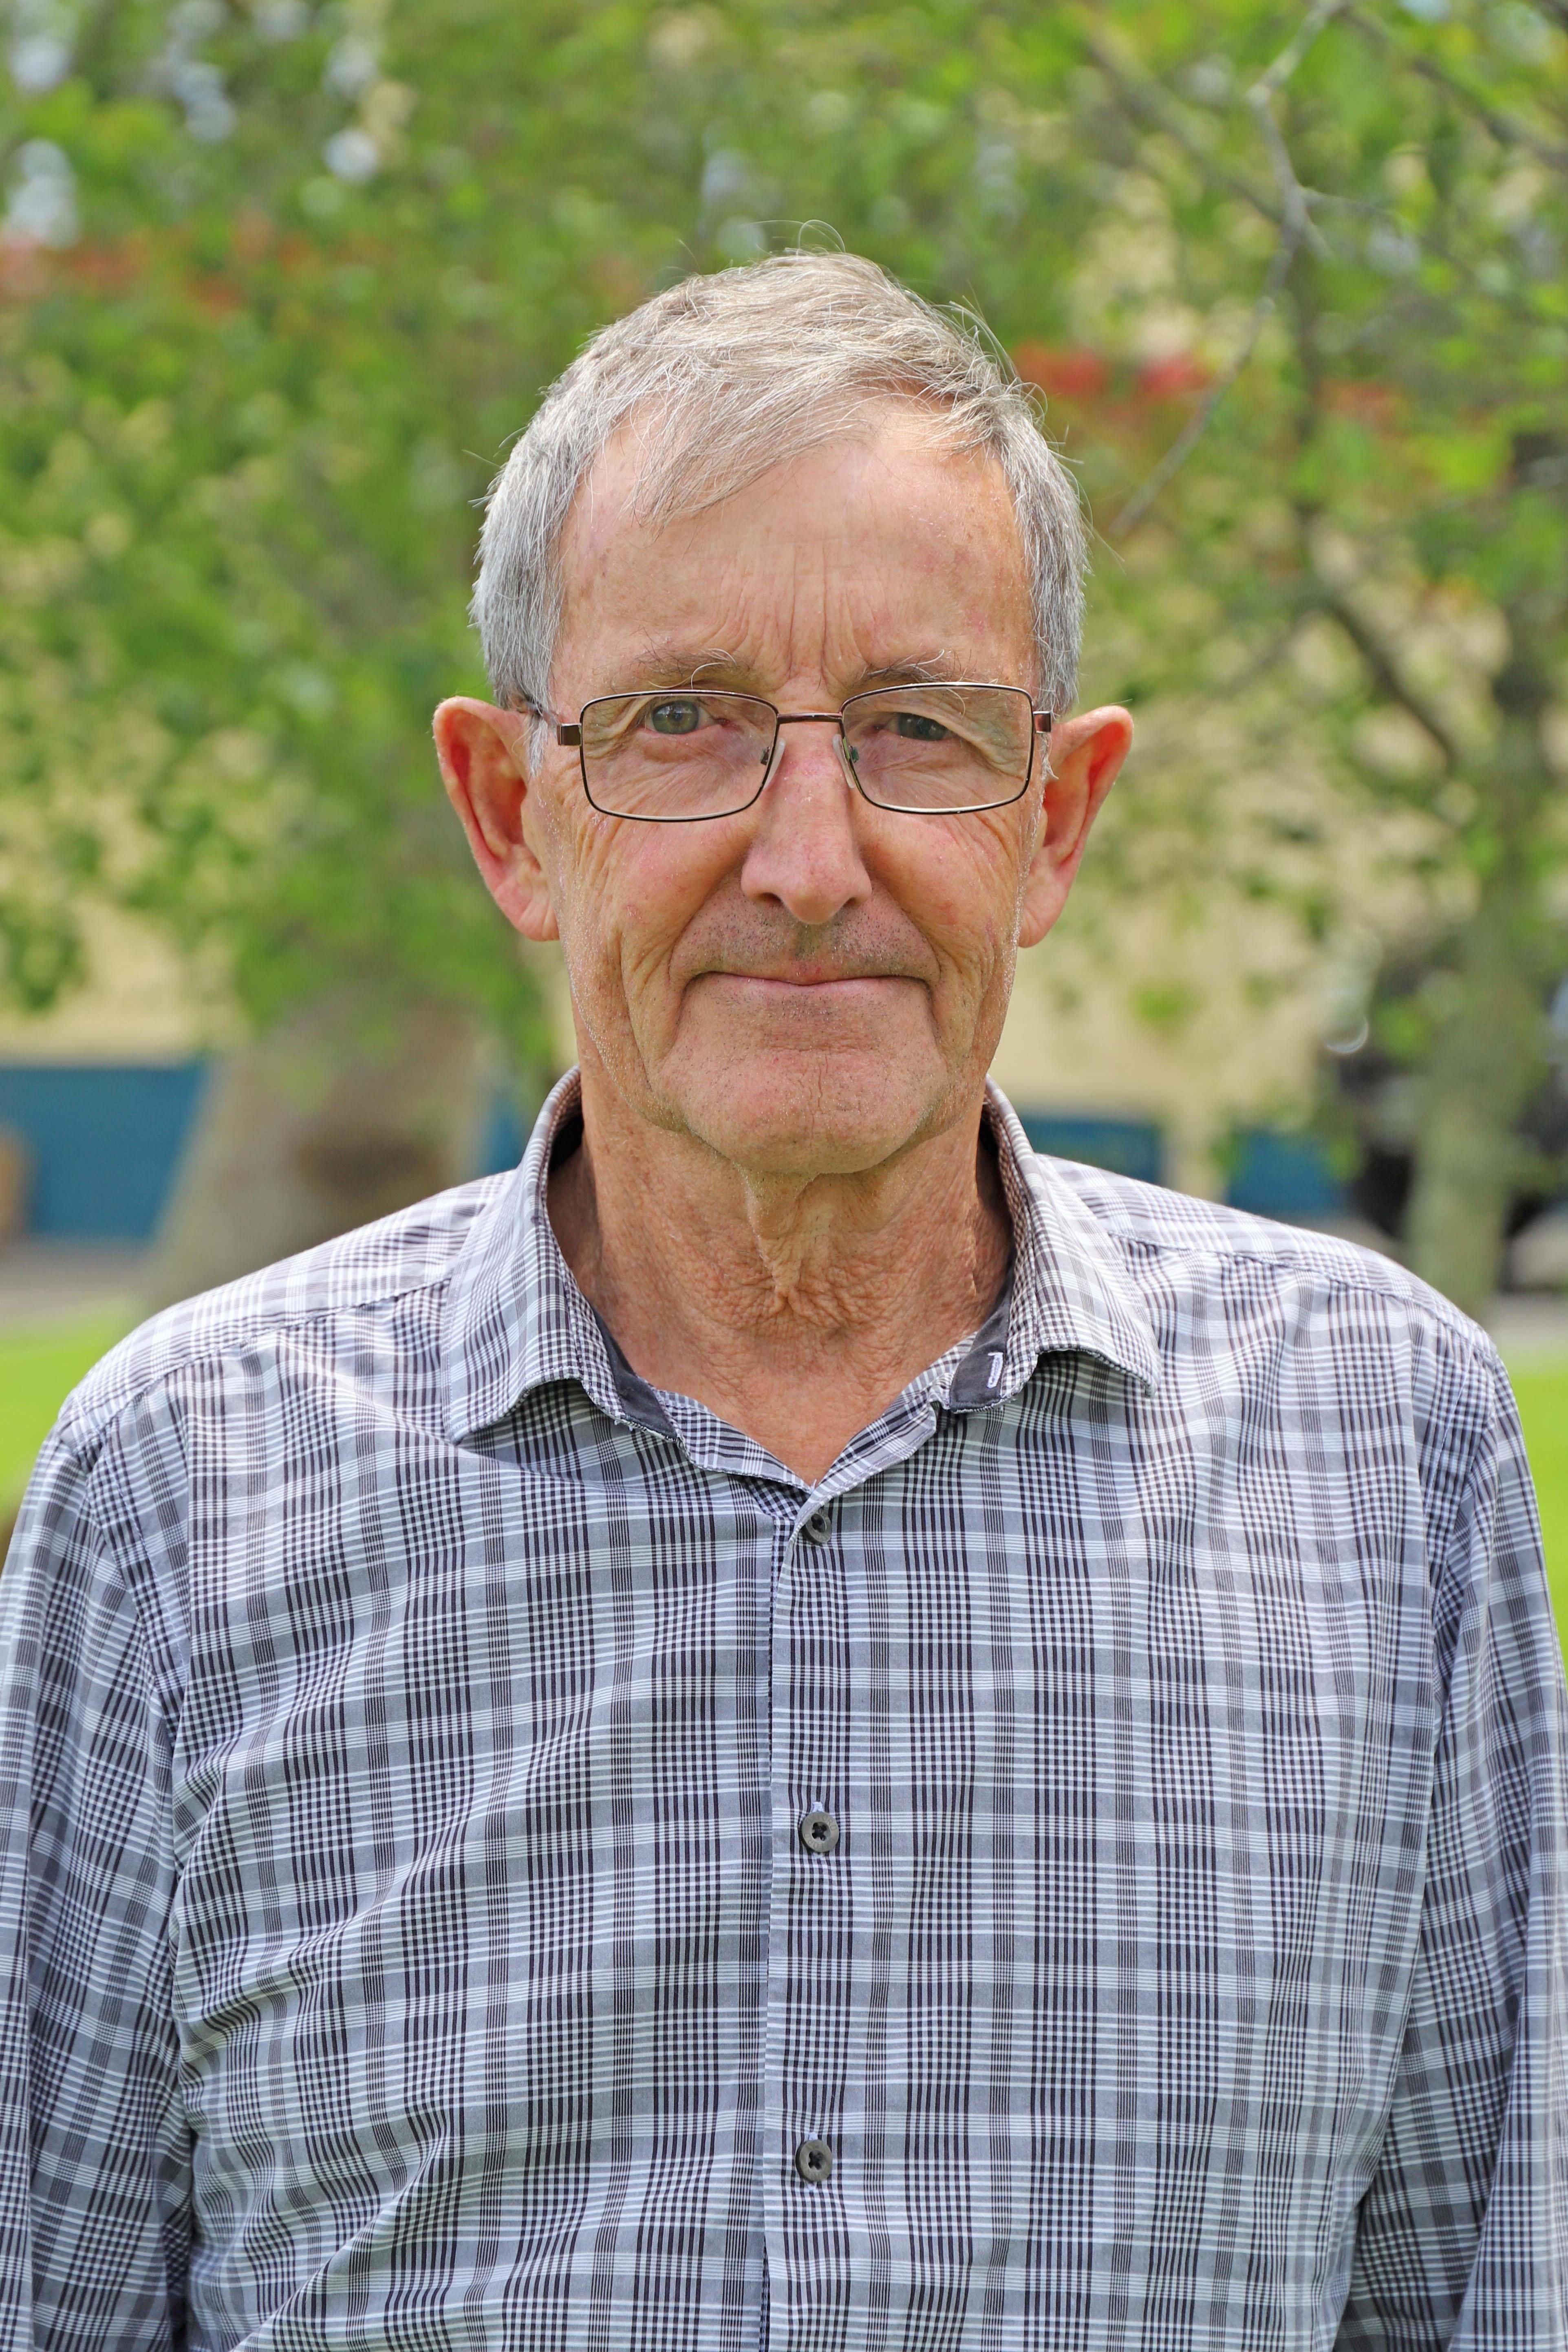 Dennis Amoore